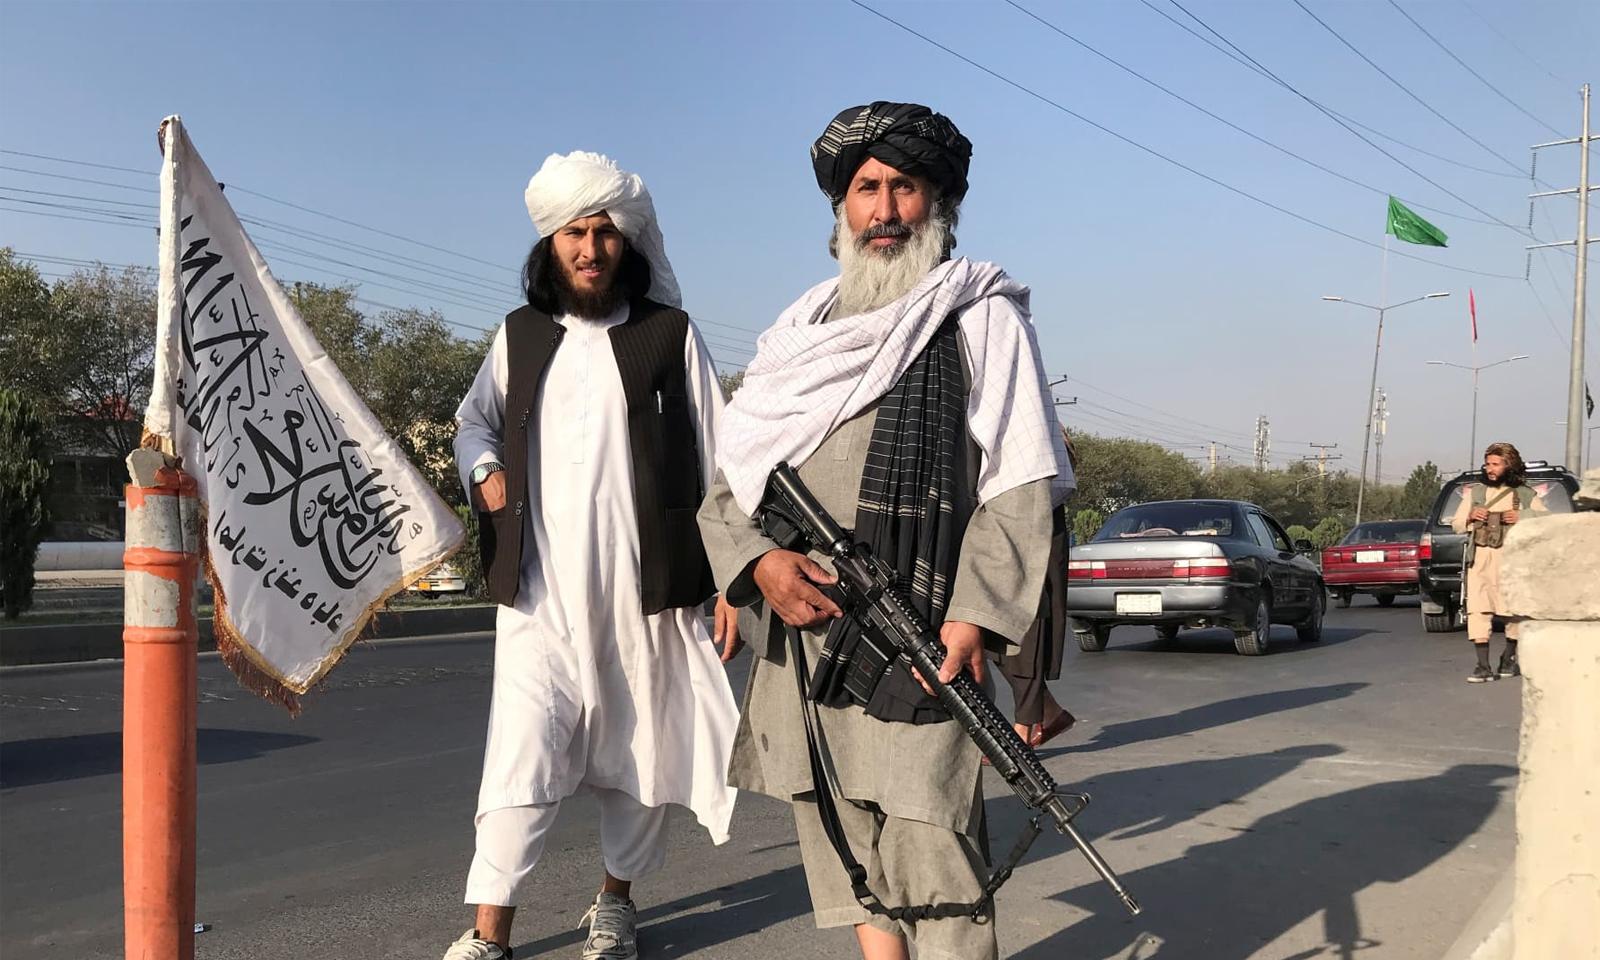 کابل کا کنٹرول حاصل کرنے کے بعد طالبان جنگجو وزارت داخلہ کے دفتر کے سامنے کھڑے ہیں — فوٹو: رائٹرز